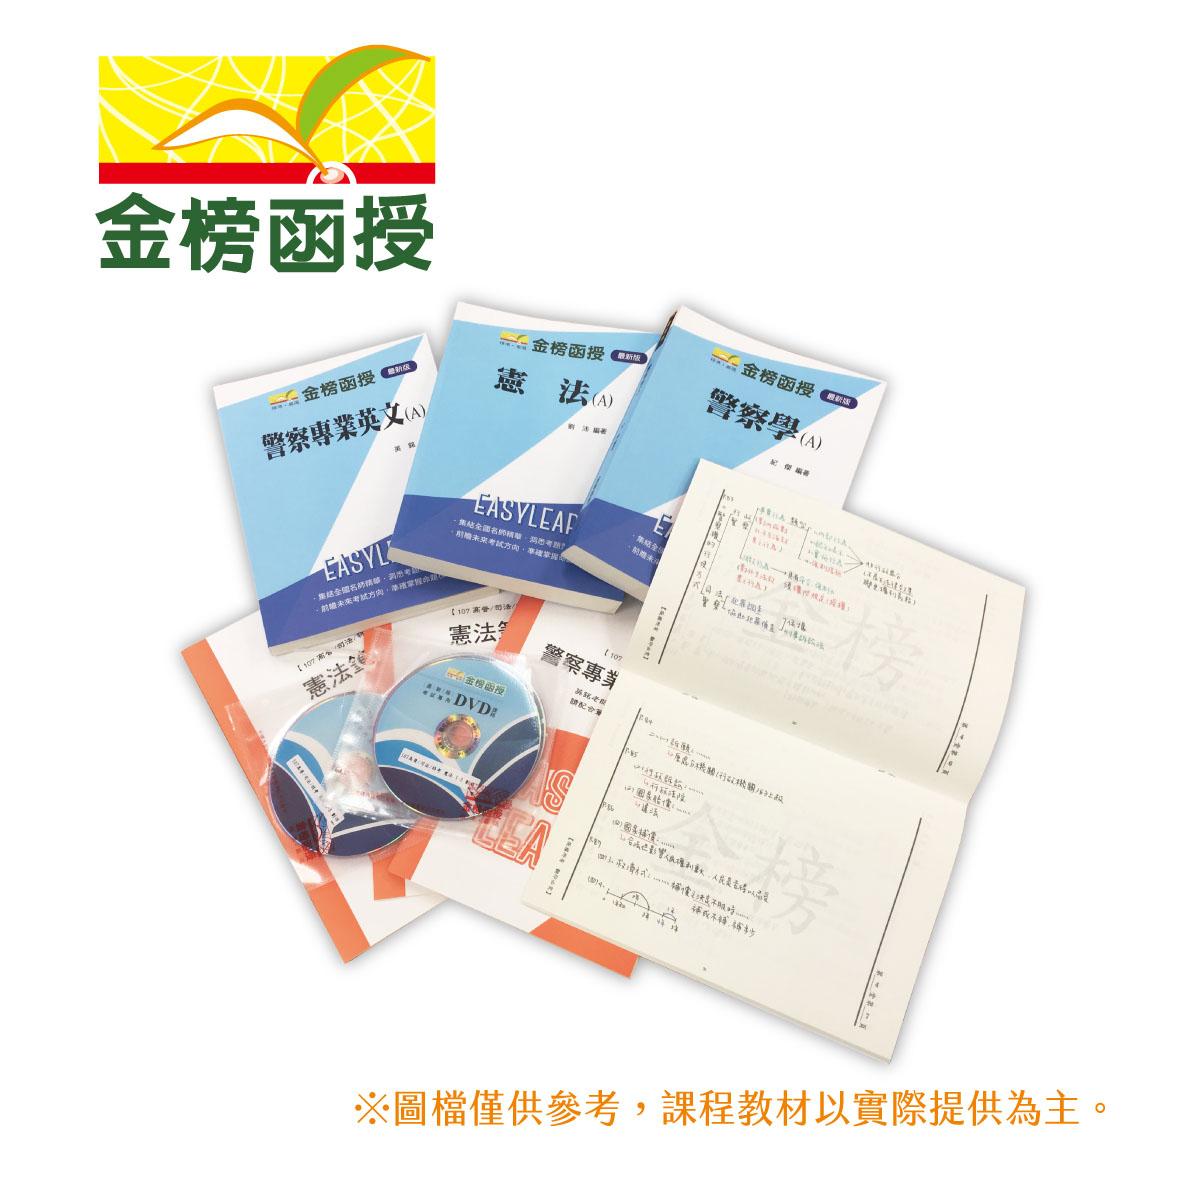 107金榜函授/行政法主题/行政法主题式/单科/云端/第13回/孙权